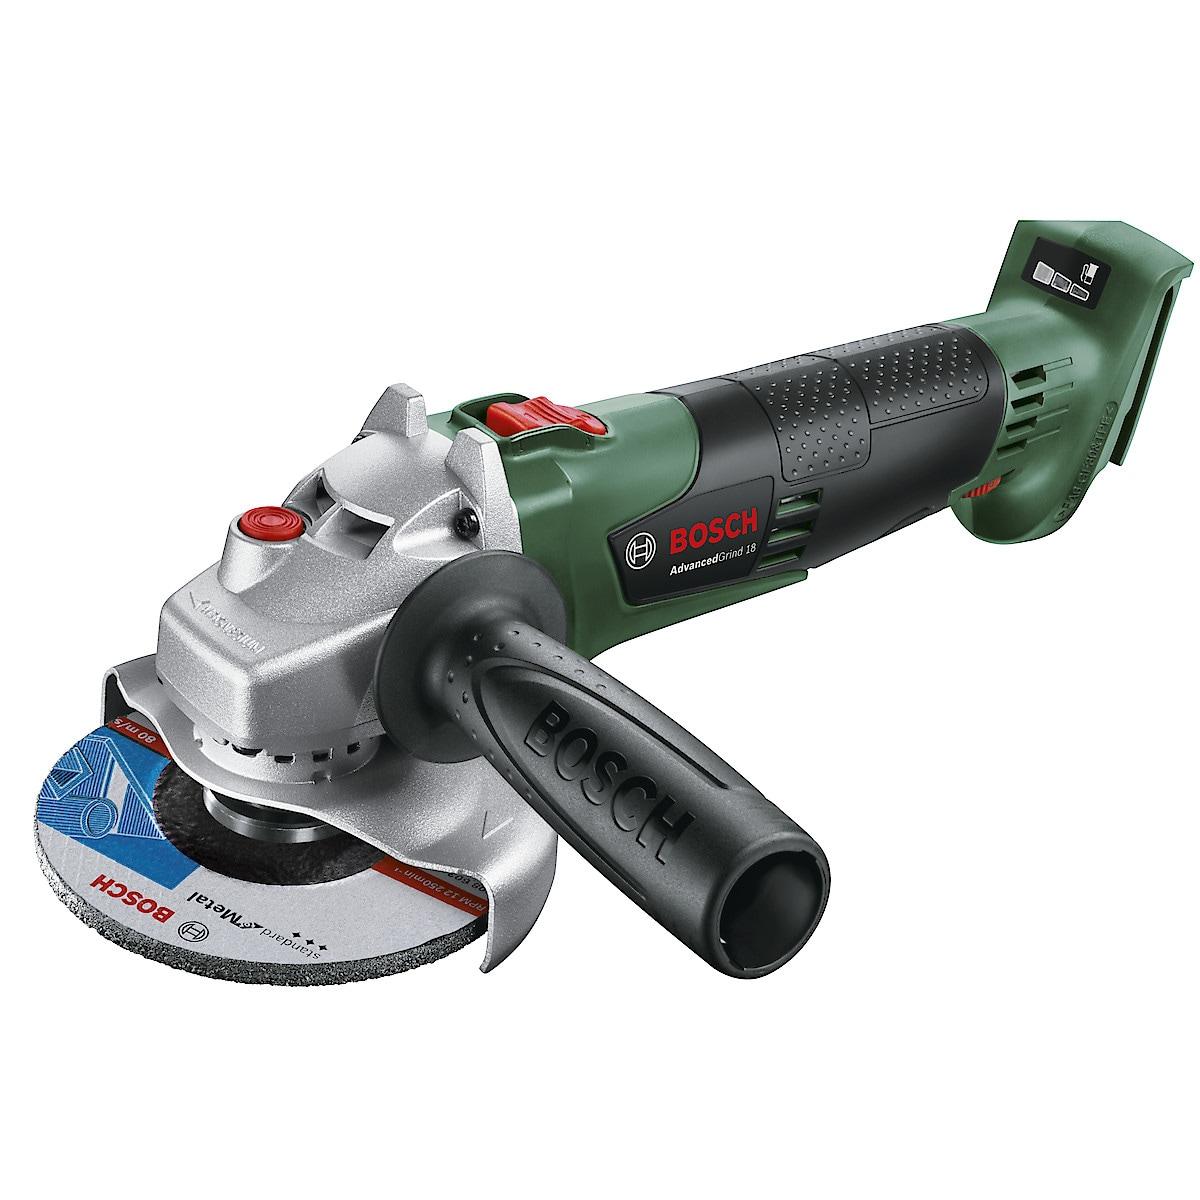 Winkelschleifer Bosch AdvancedGrind 18